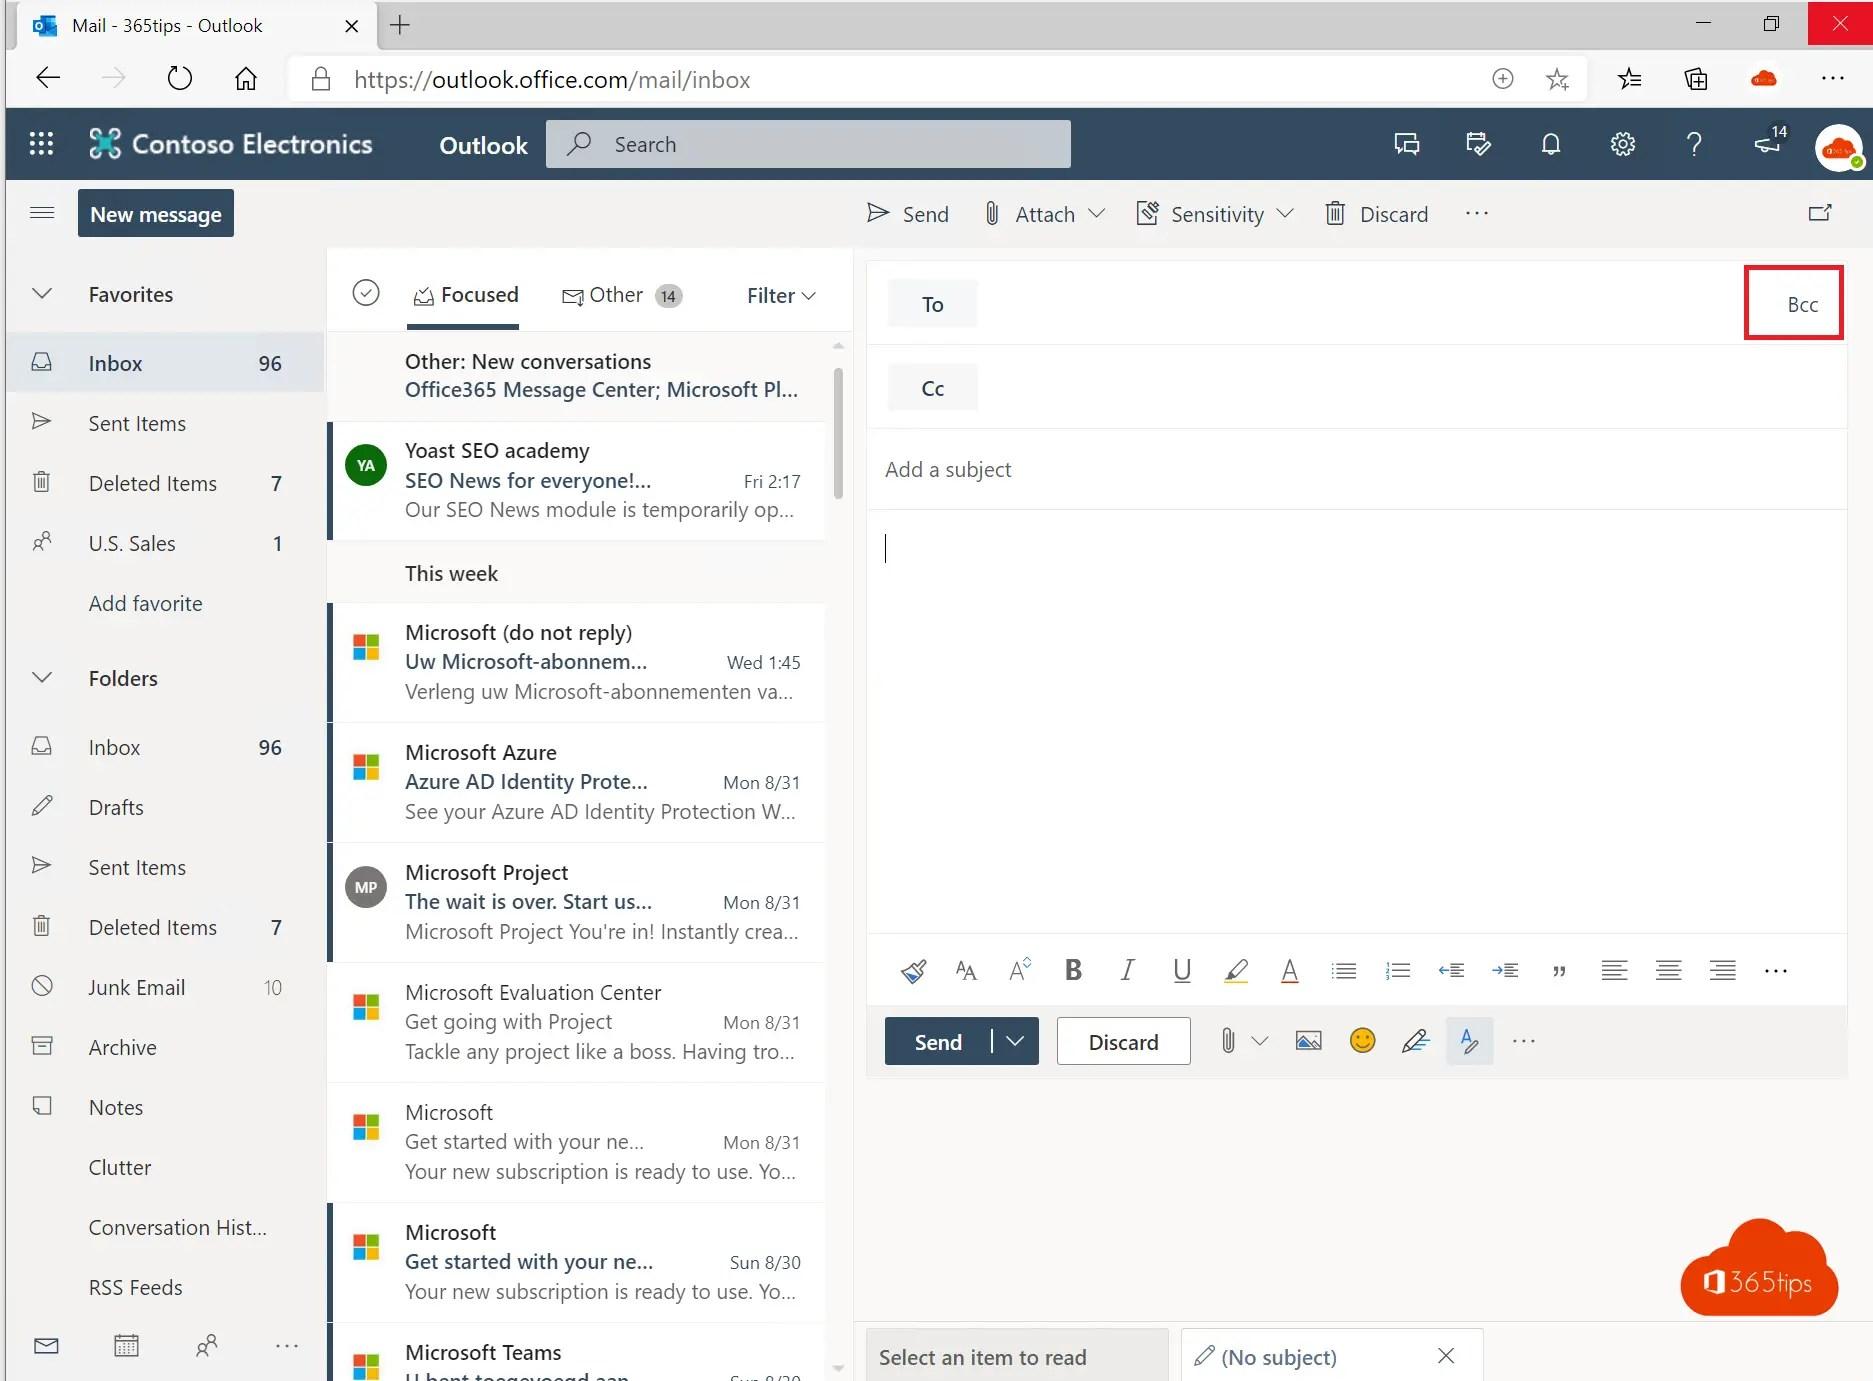 BCC veld toevoegen in Microsoft Outlook